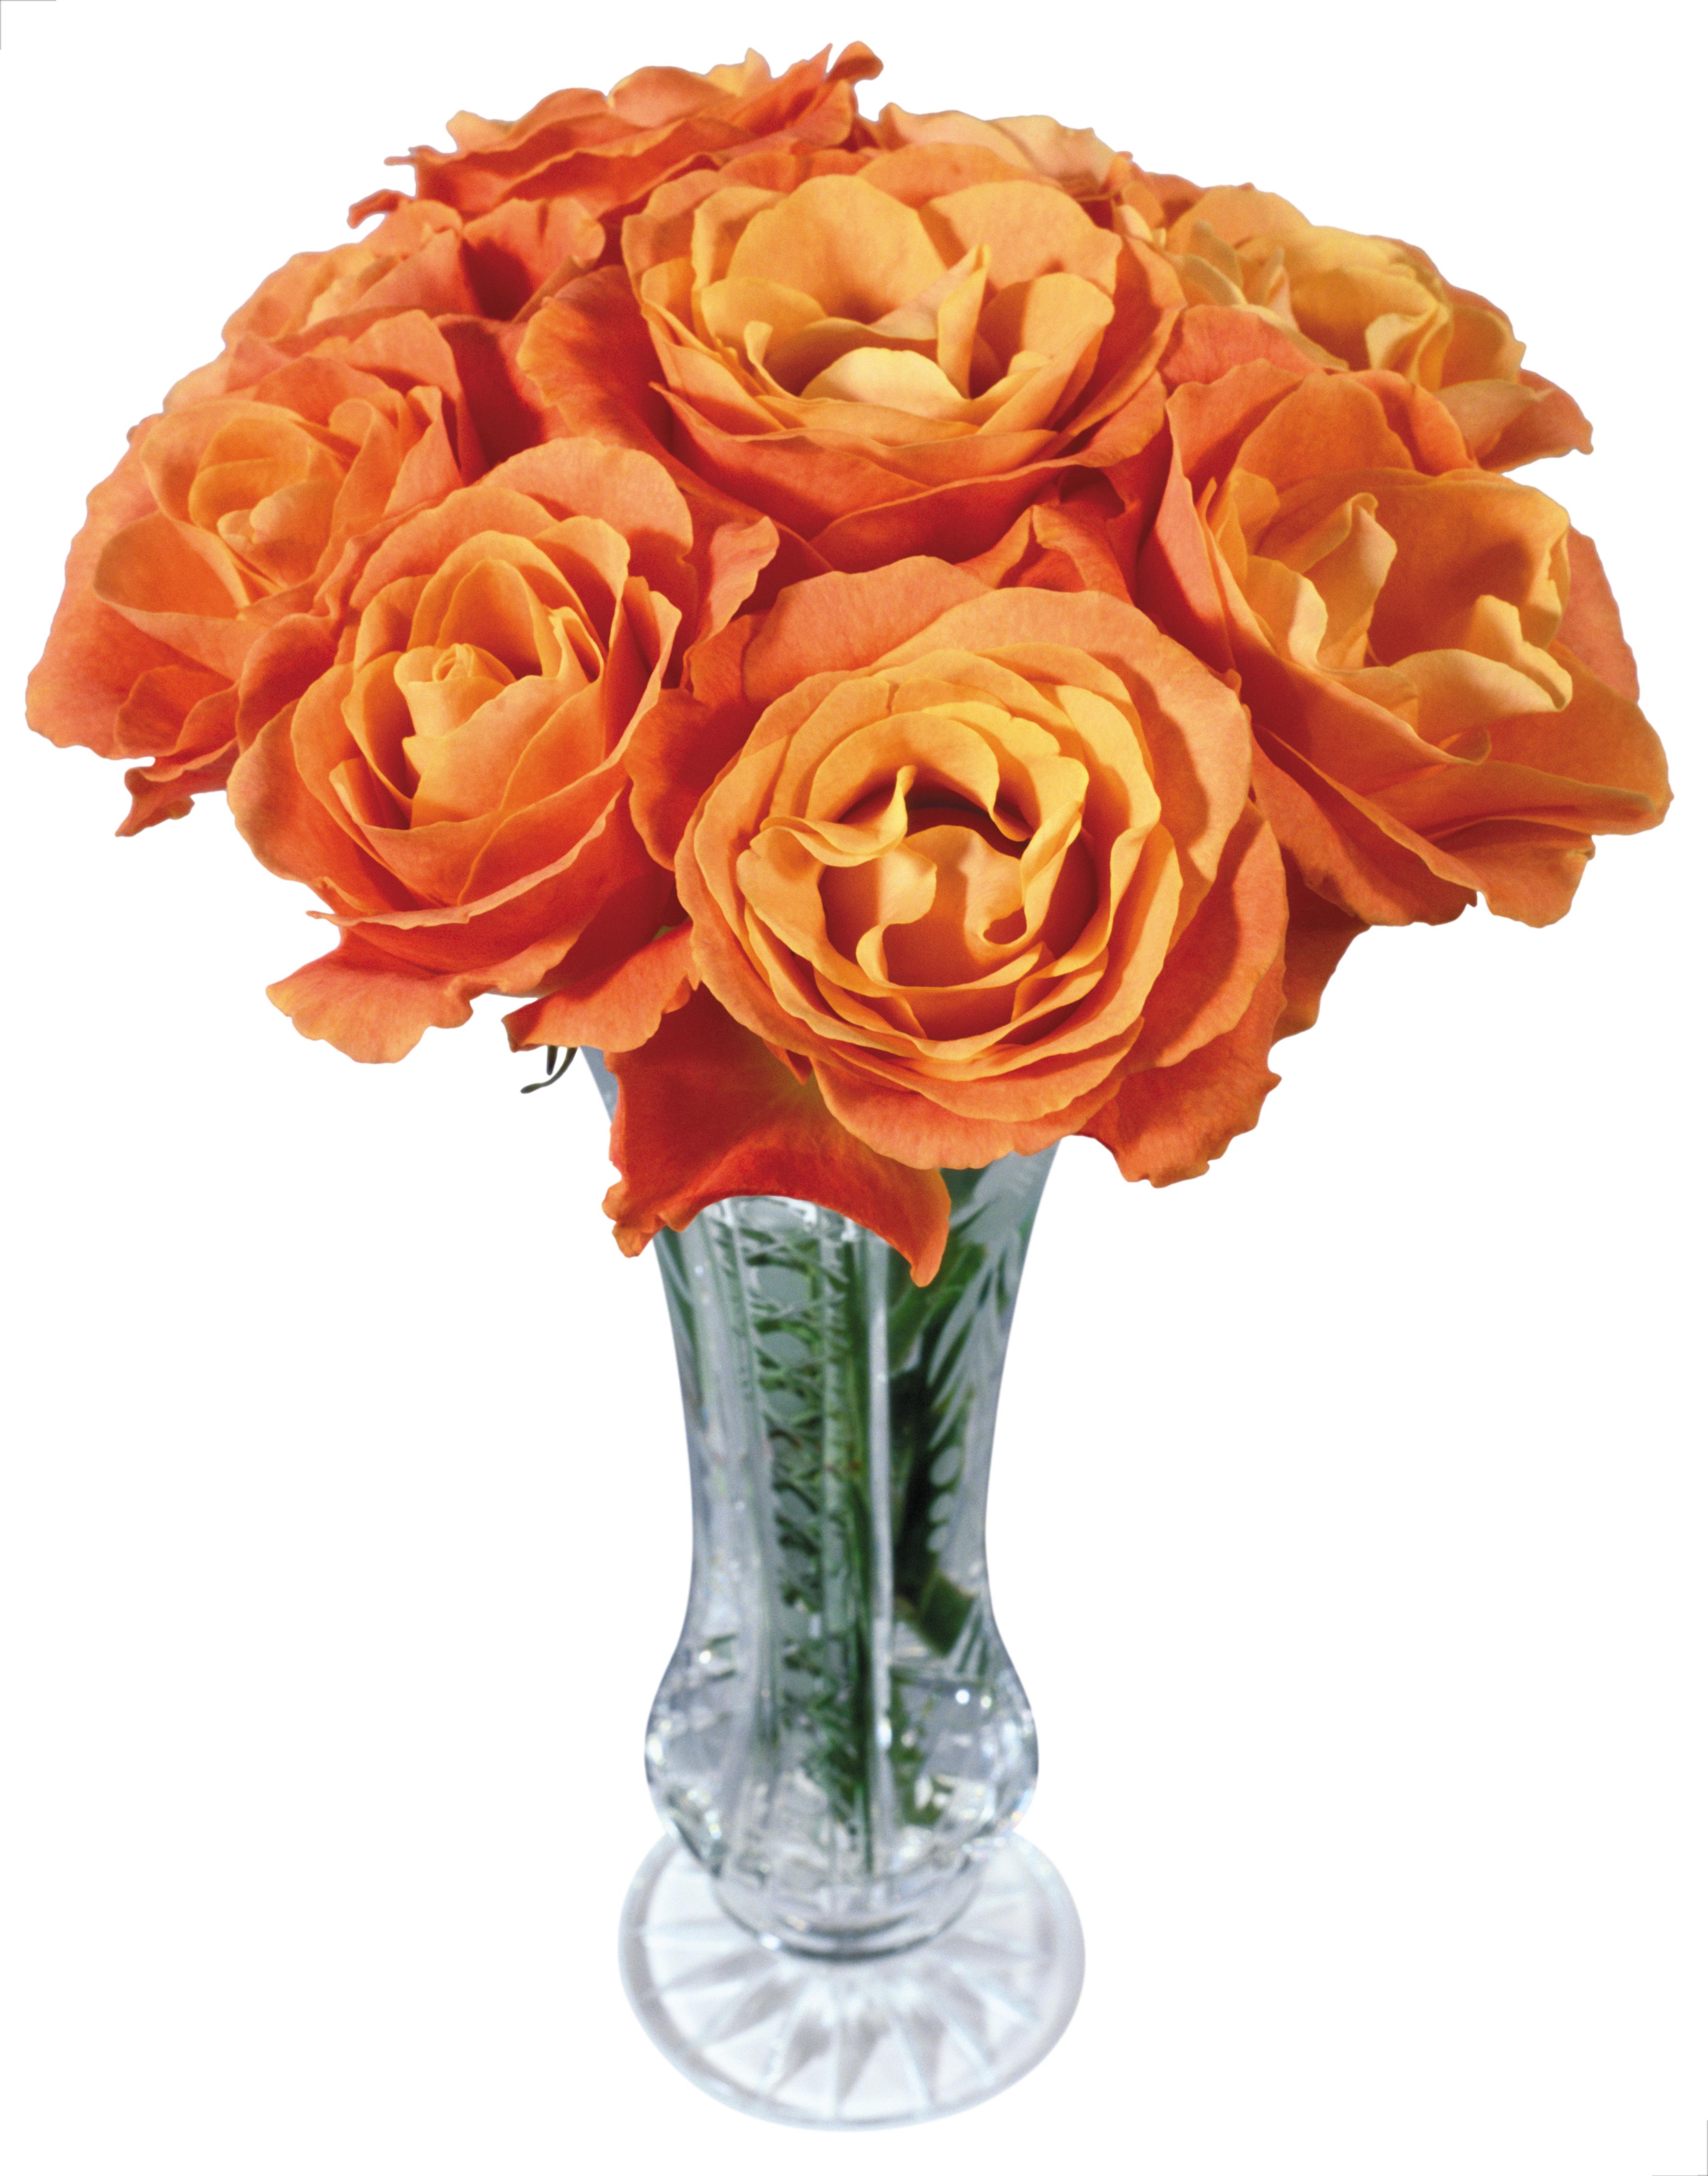 Vase Png Images Free Download